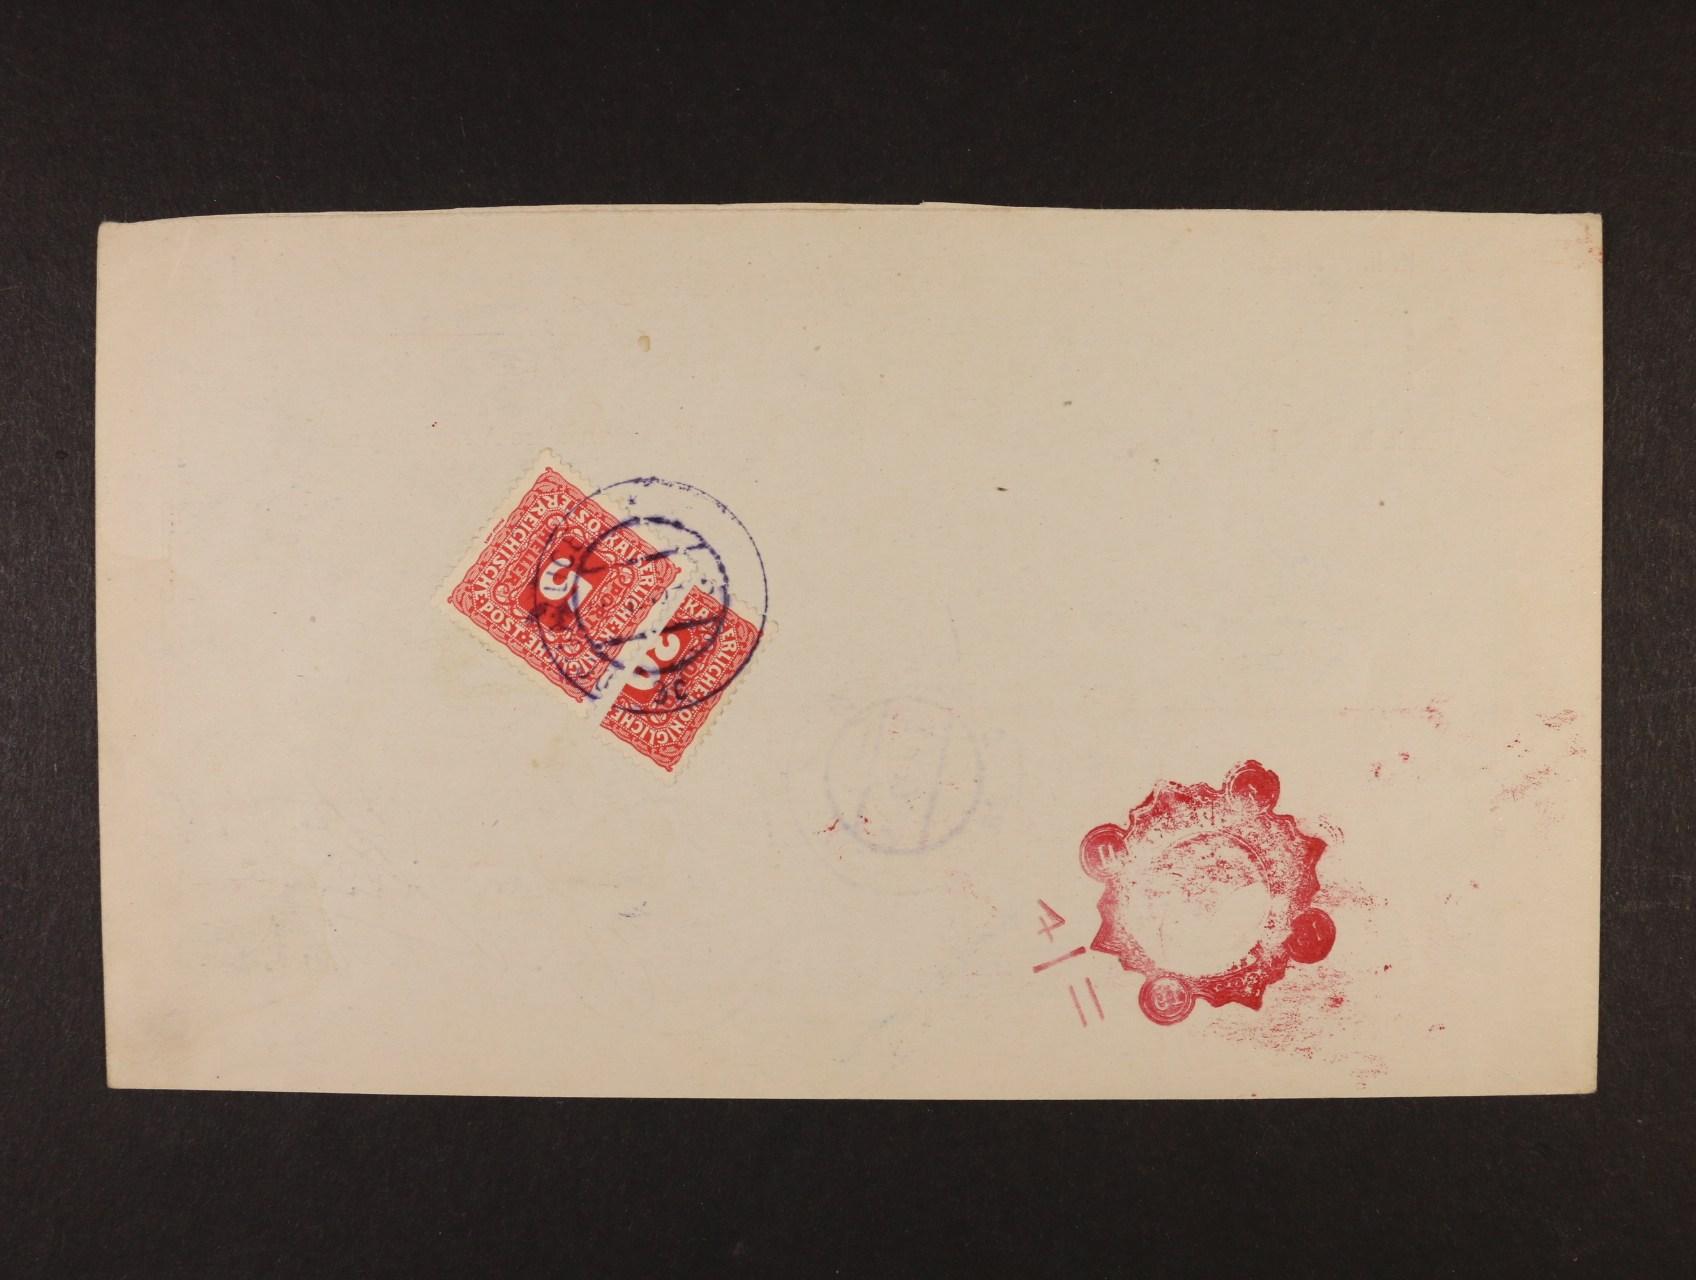 poštovní průvodka poštovní spořitelny Wien zaslaná na pošt. úřad Taus (Domažlice), poštovné ve výši 20h vyplaceno zn. Mi. P 47 + vodorovně půlenou zn. P 52, znehodnoc. raz. DOMAŽLICE 7.2.1919